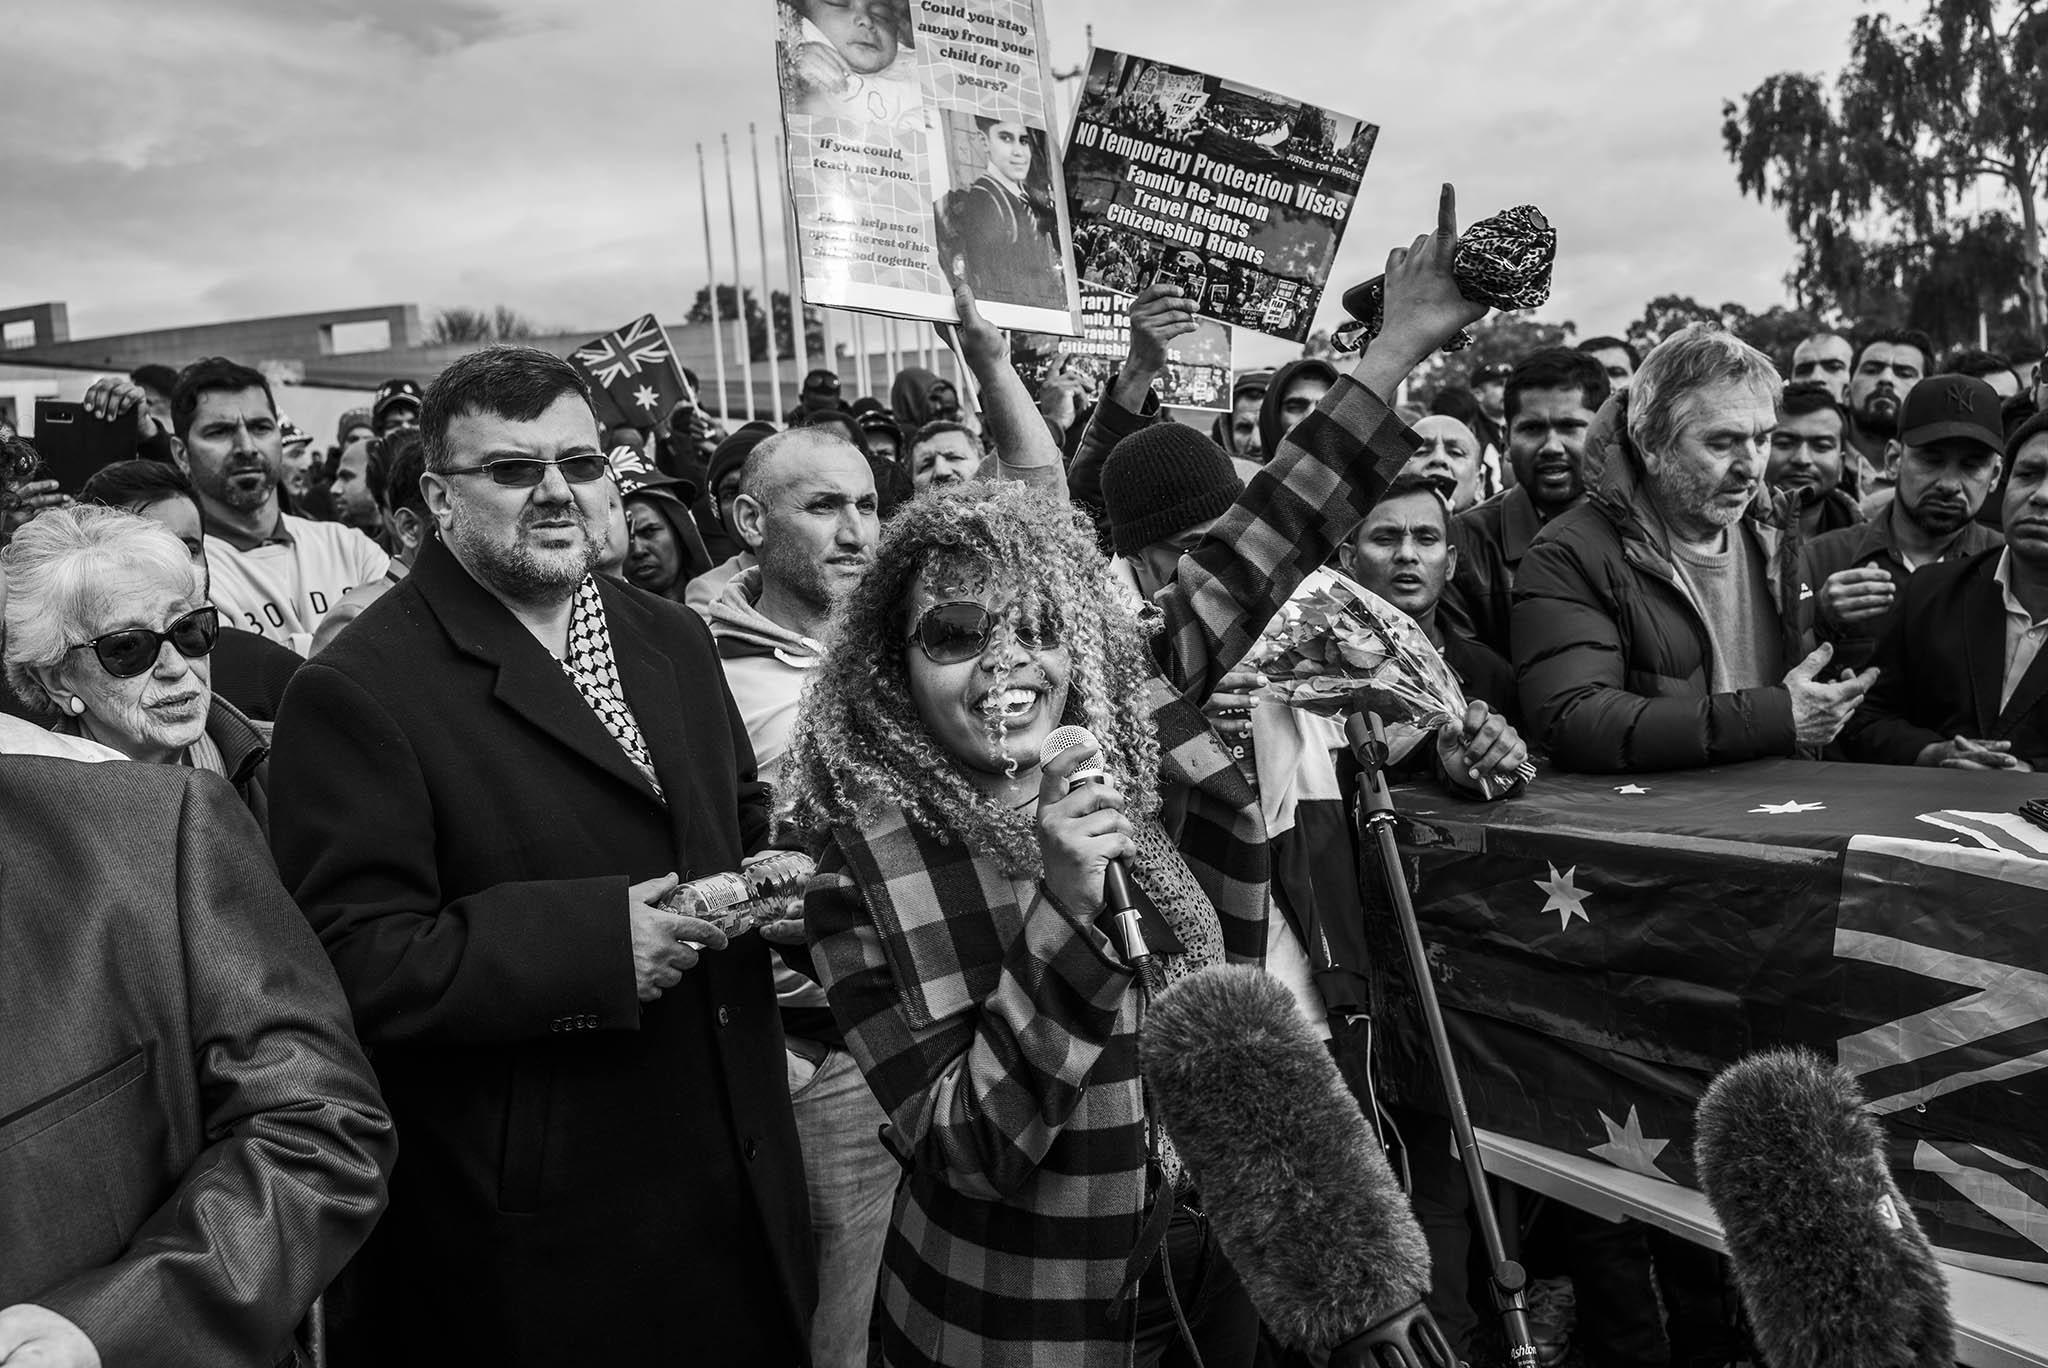 20190729_Refugee_Protest_0146.jpg